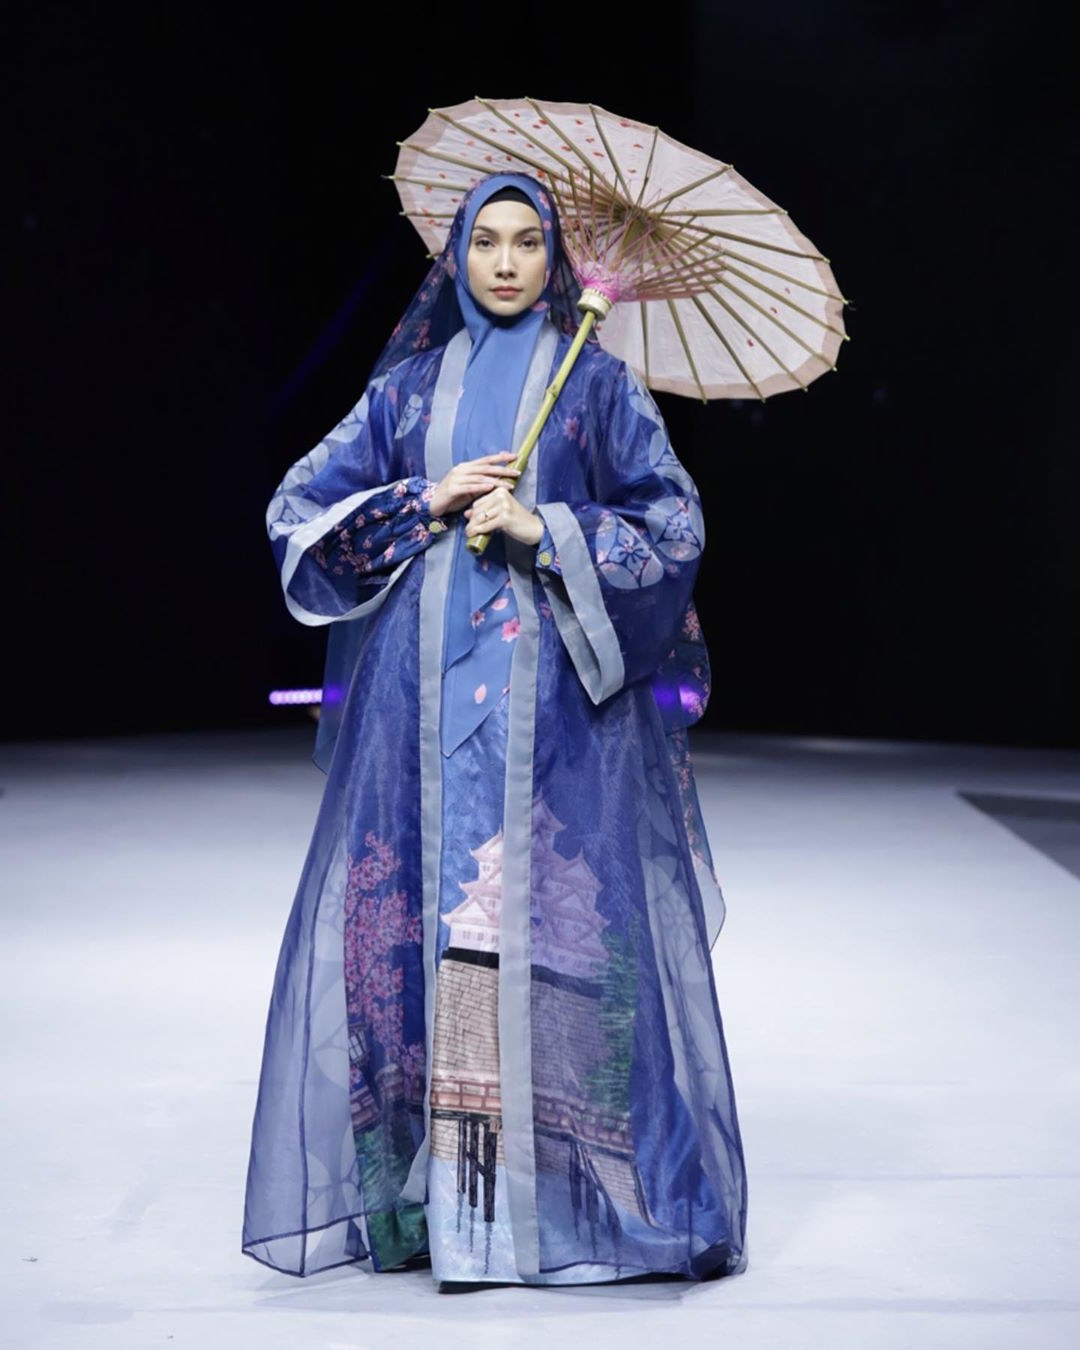 Inspirasi Baju Lebaran 2020 Xtd6 Inspirasi Model Baju Lebaran 2020 Dari Para Desainer